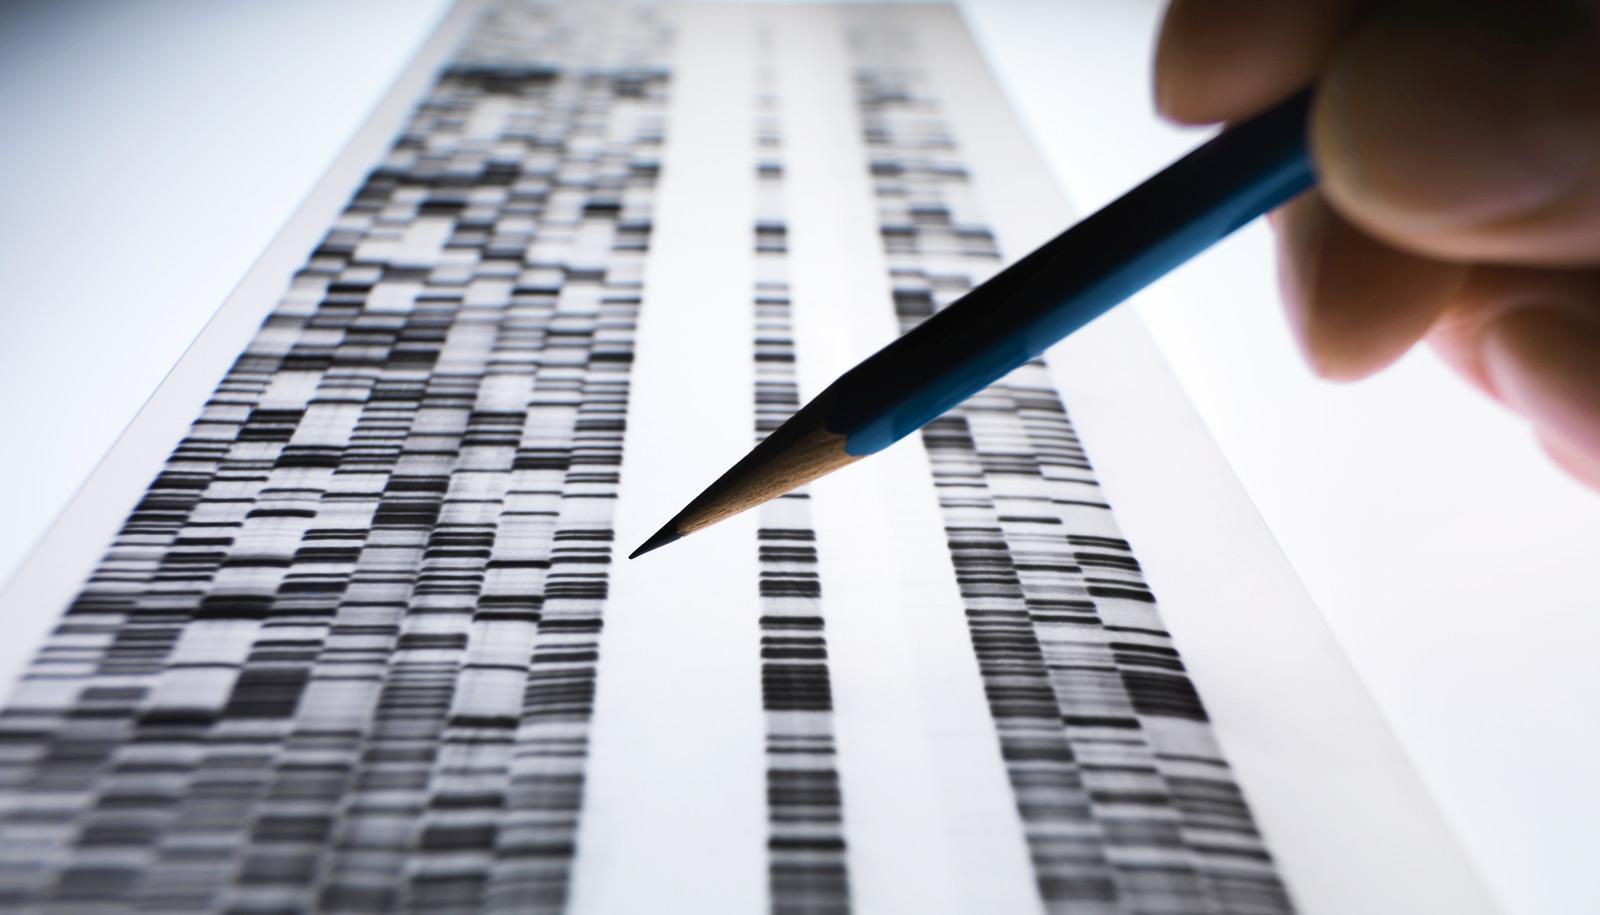 genes pencil hand